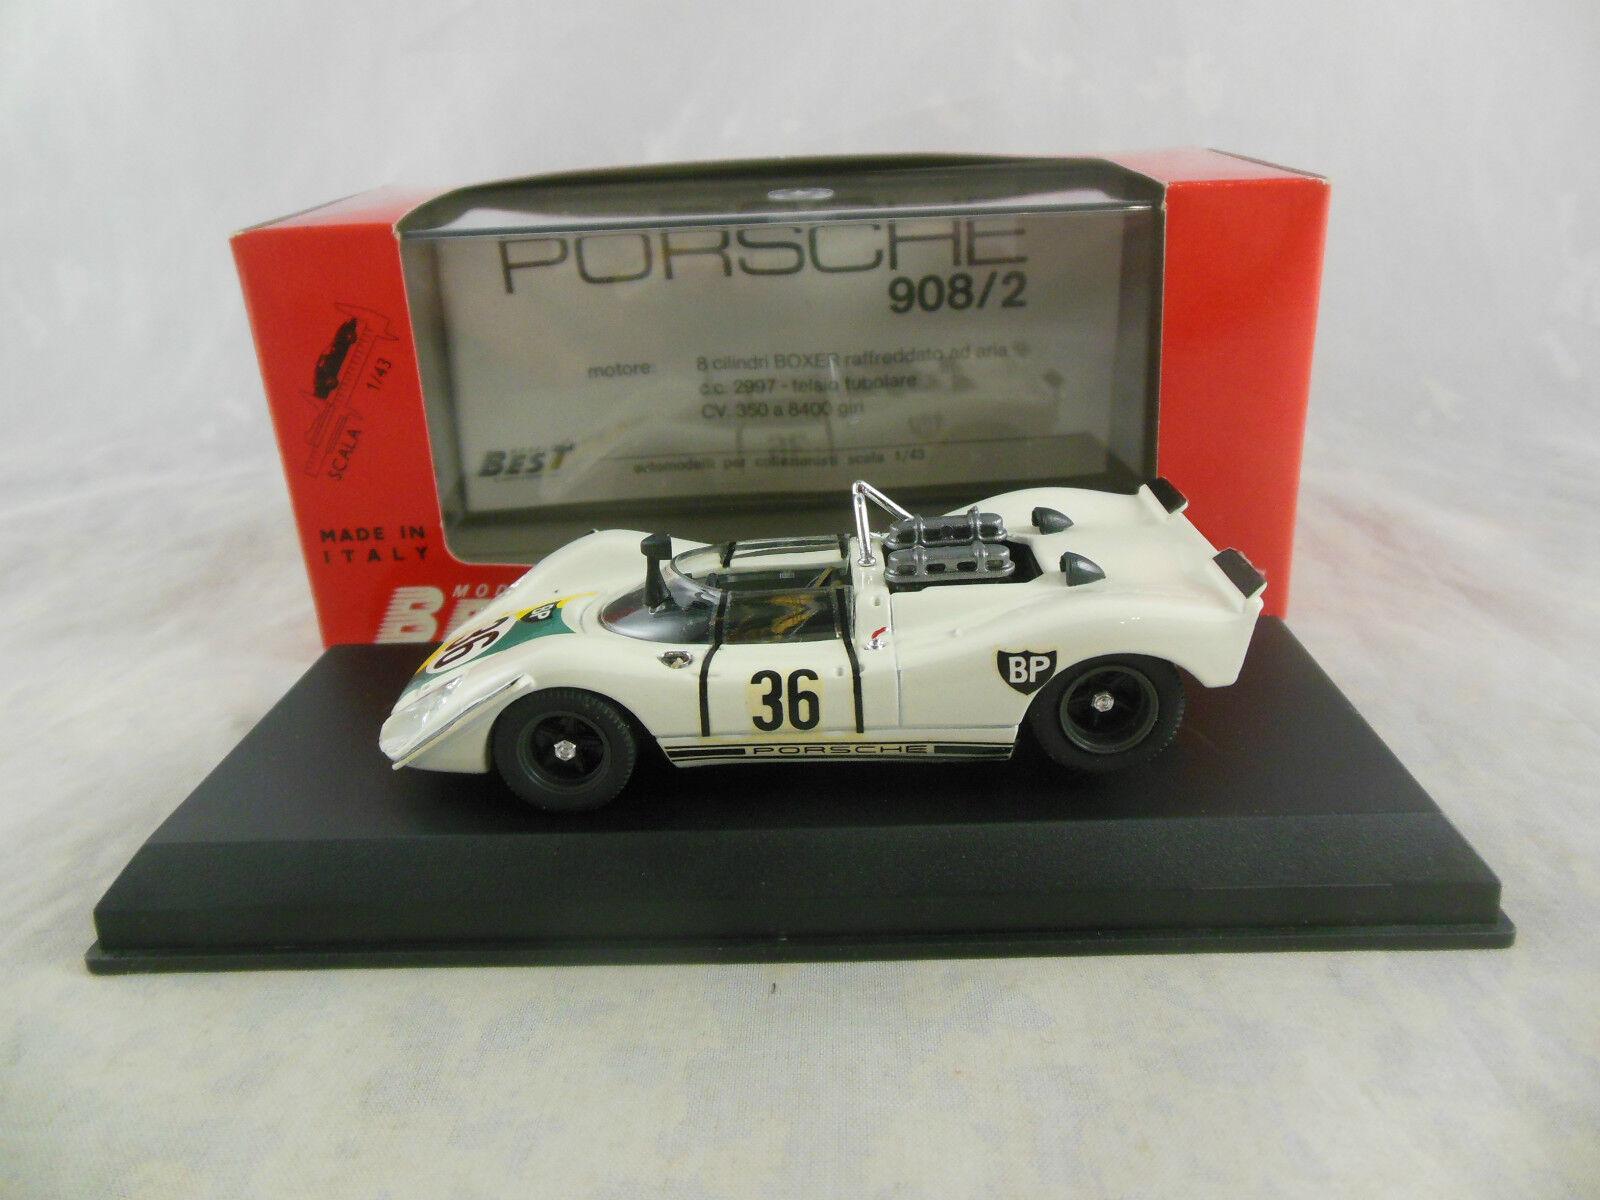 Best Model 9066 PORSCHE 908 2 1970 Zeltweg RACING Nº 36